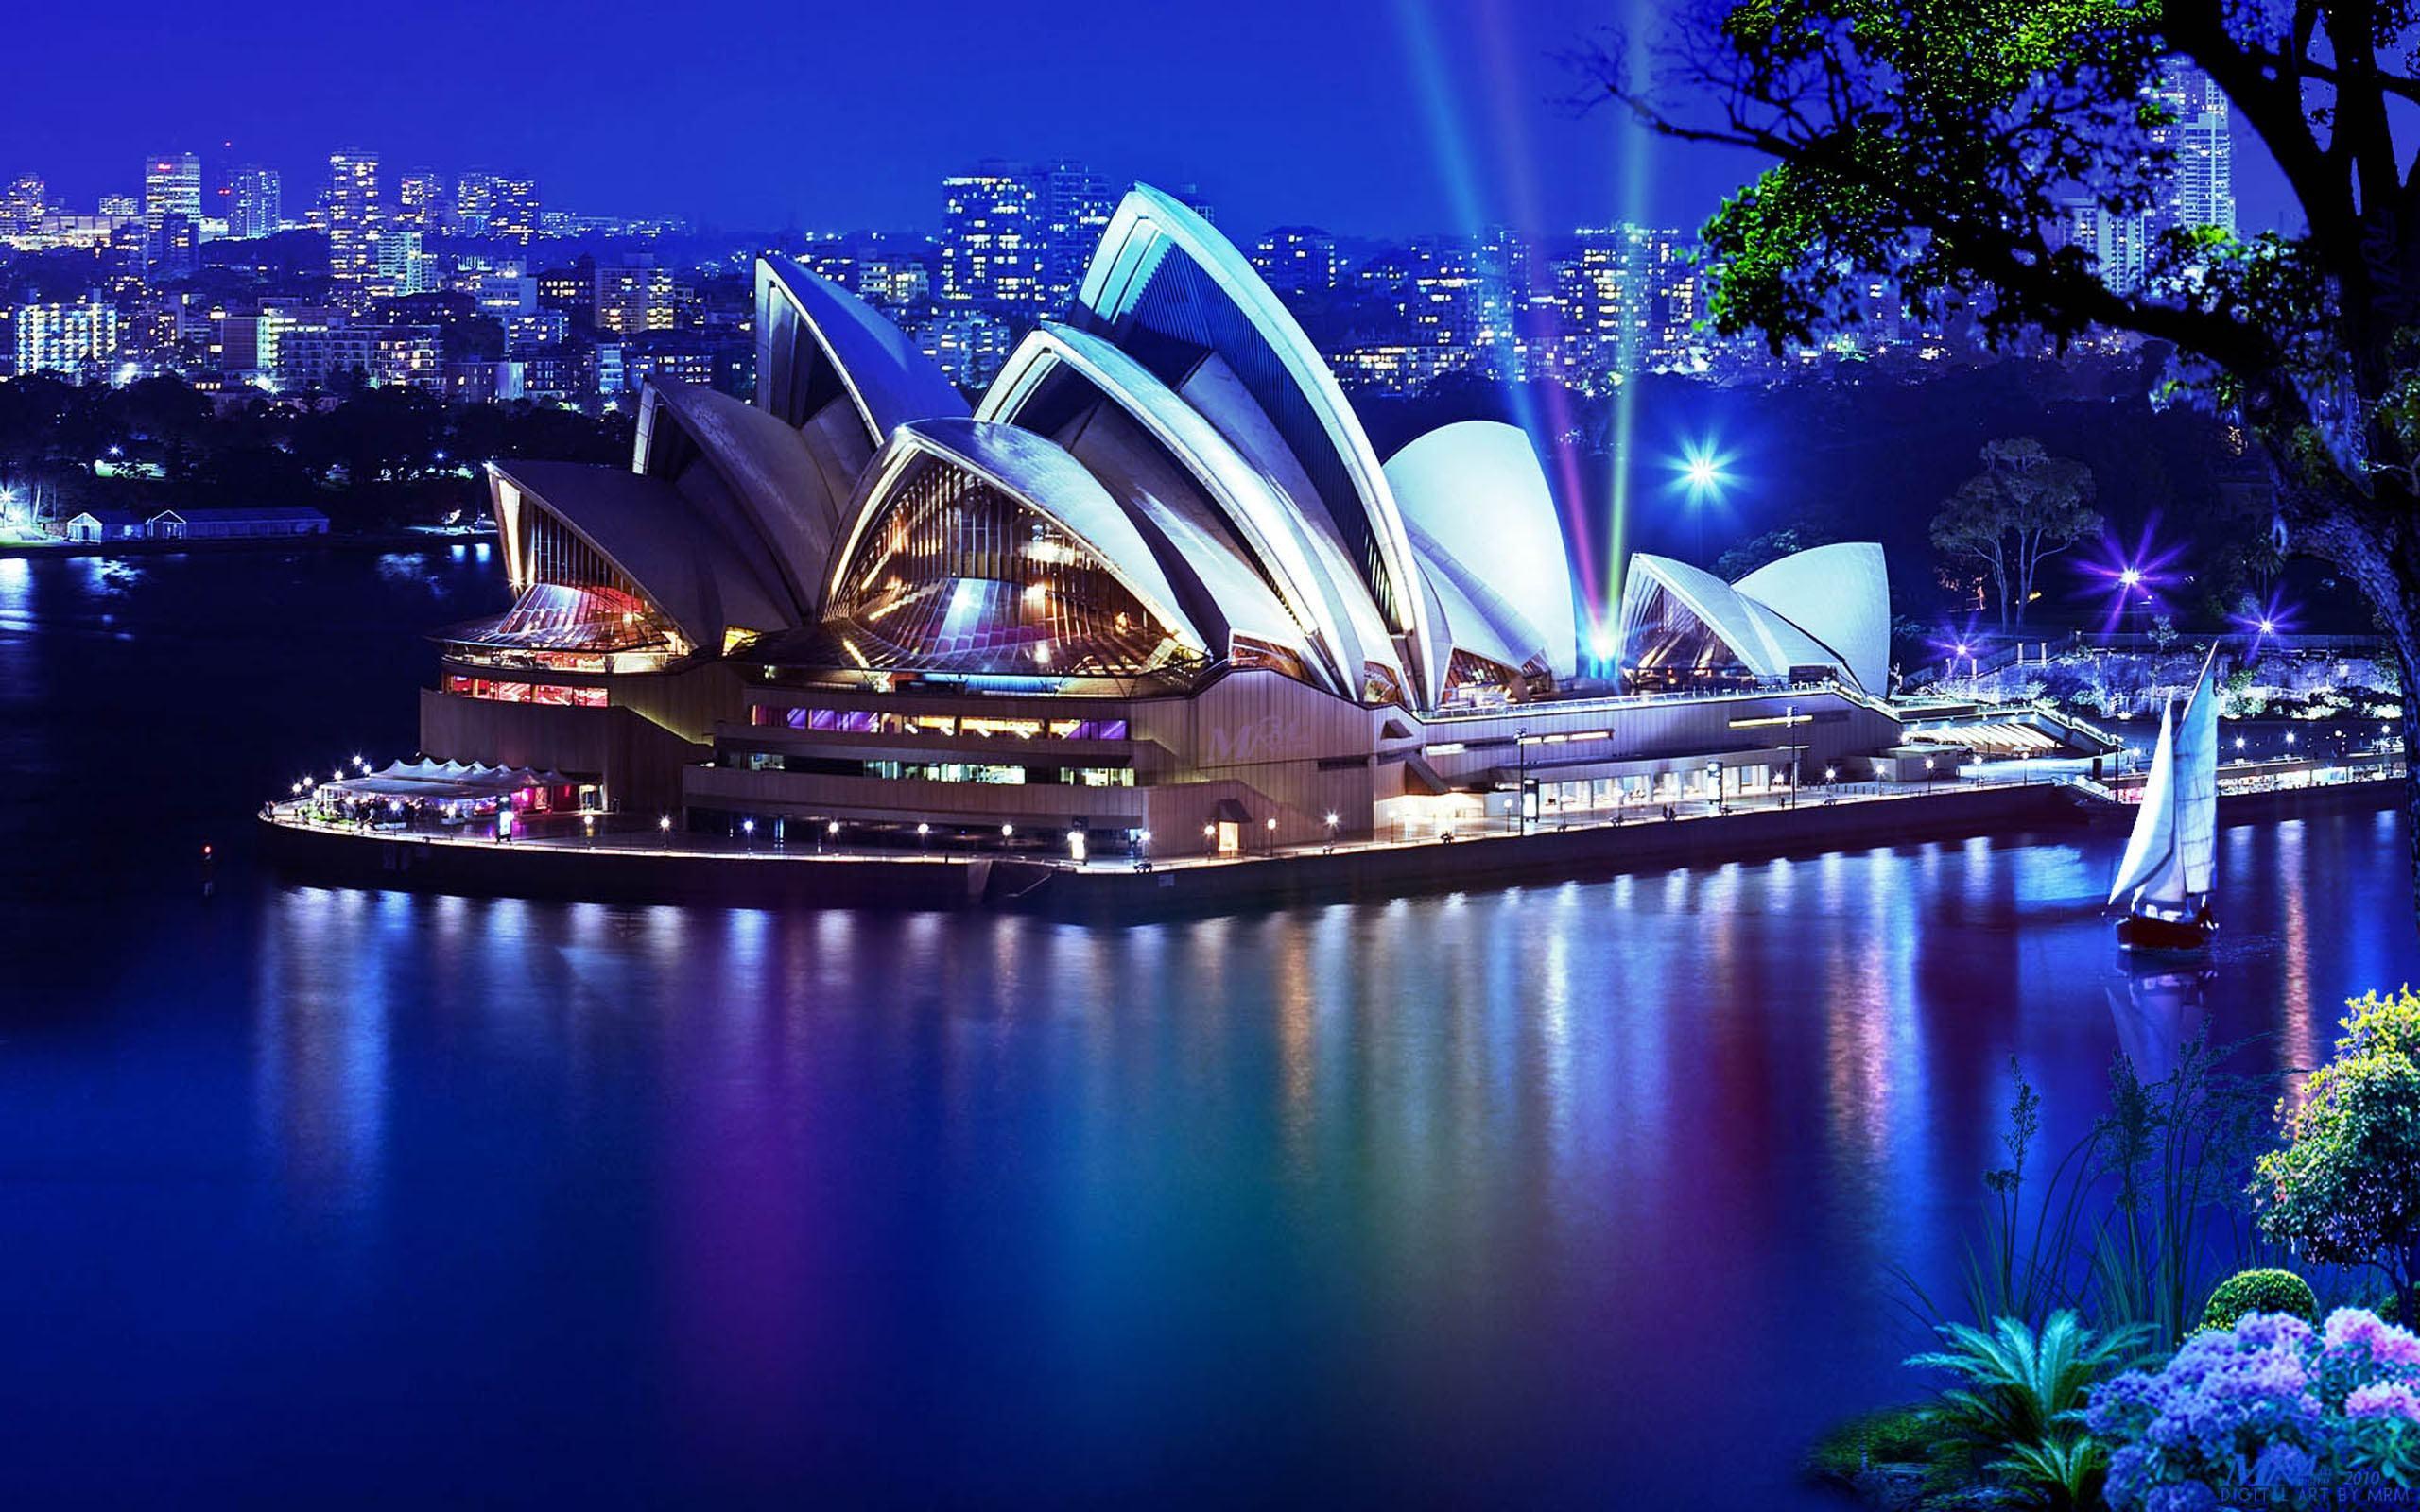 澳大利亚政府调整签证规定 7月1日起将有这些变化